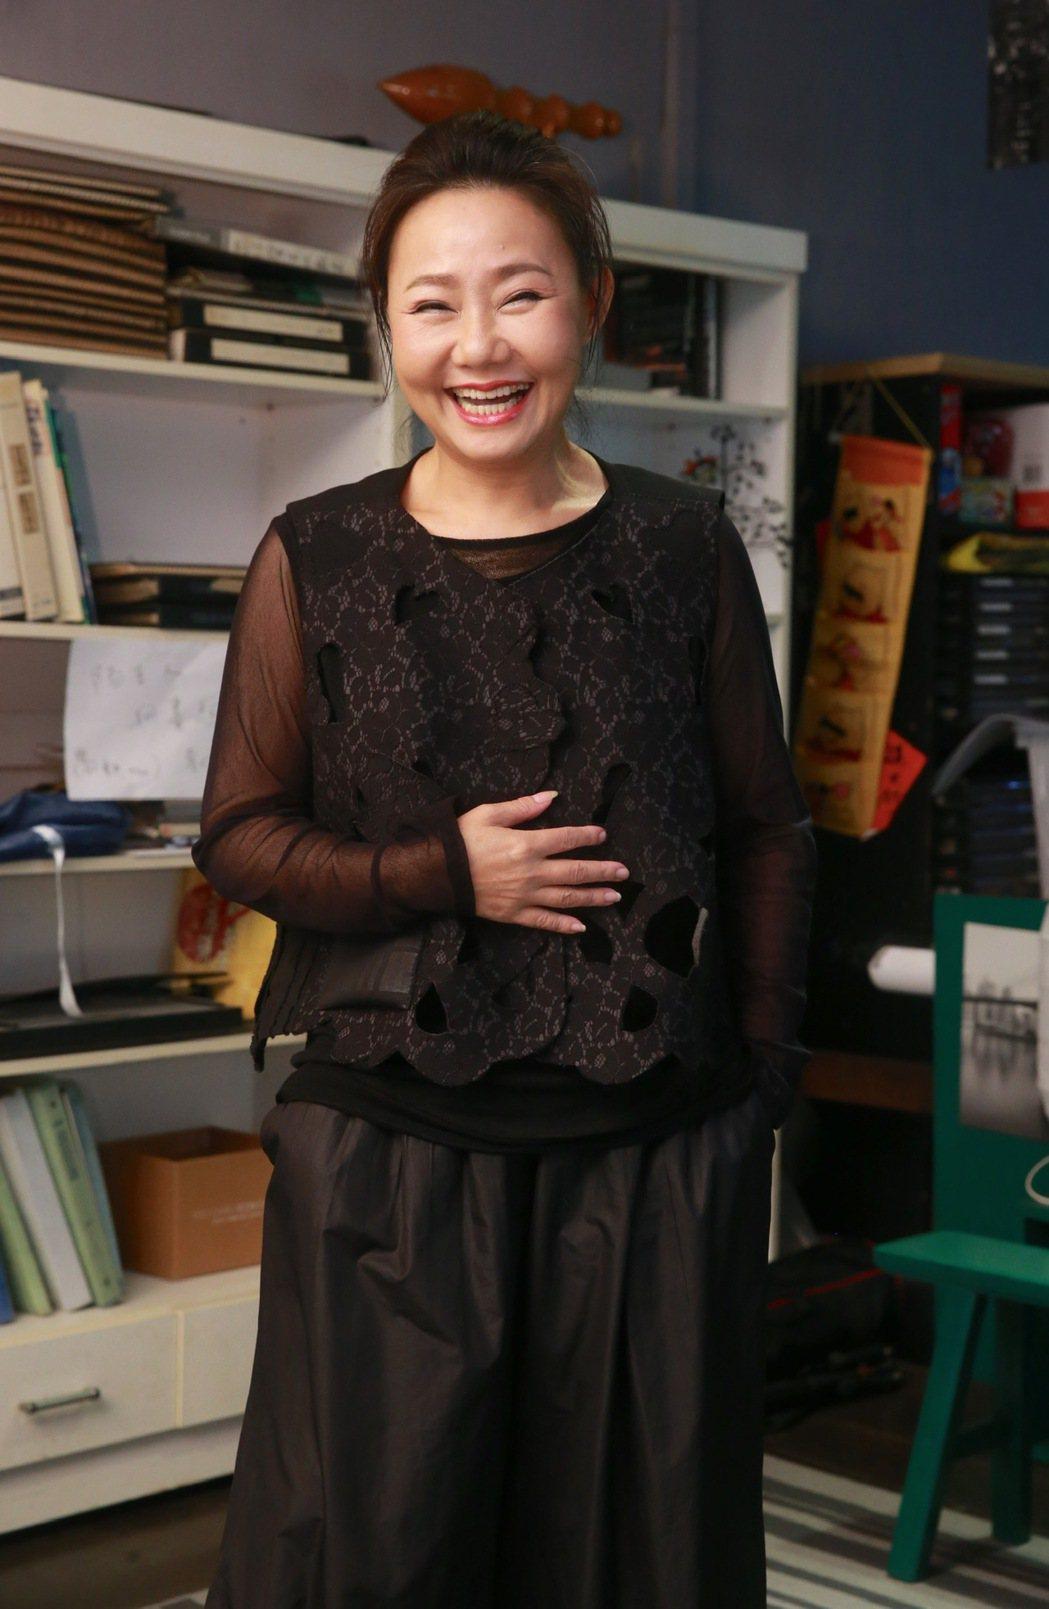 呂雪鳳成金馬準影后,臉上笑得開心,心中很緊張。記者黃義書/攝影